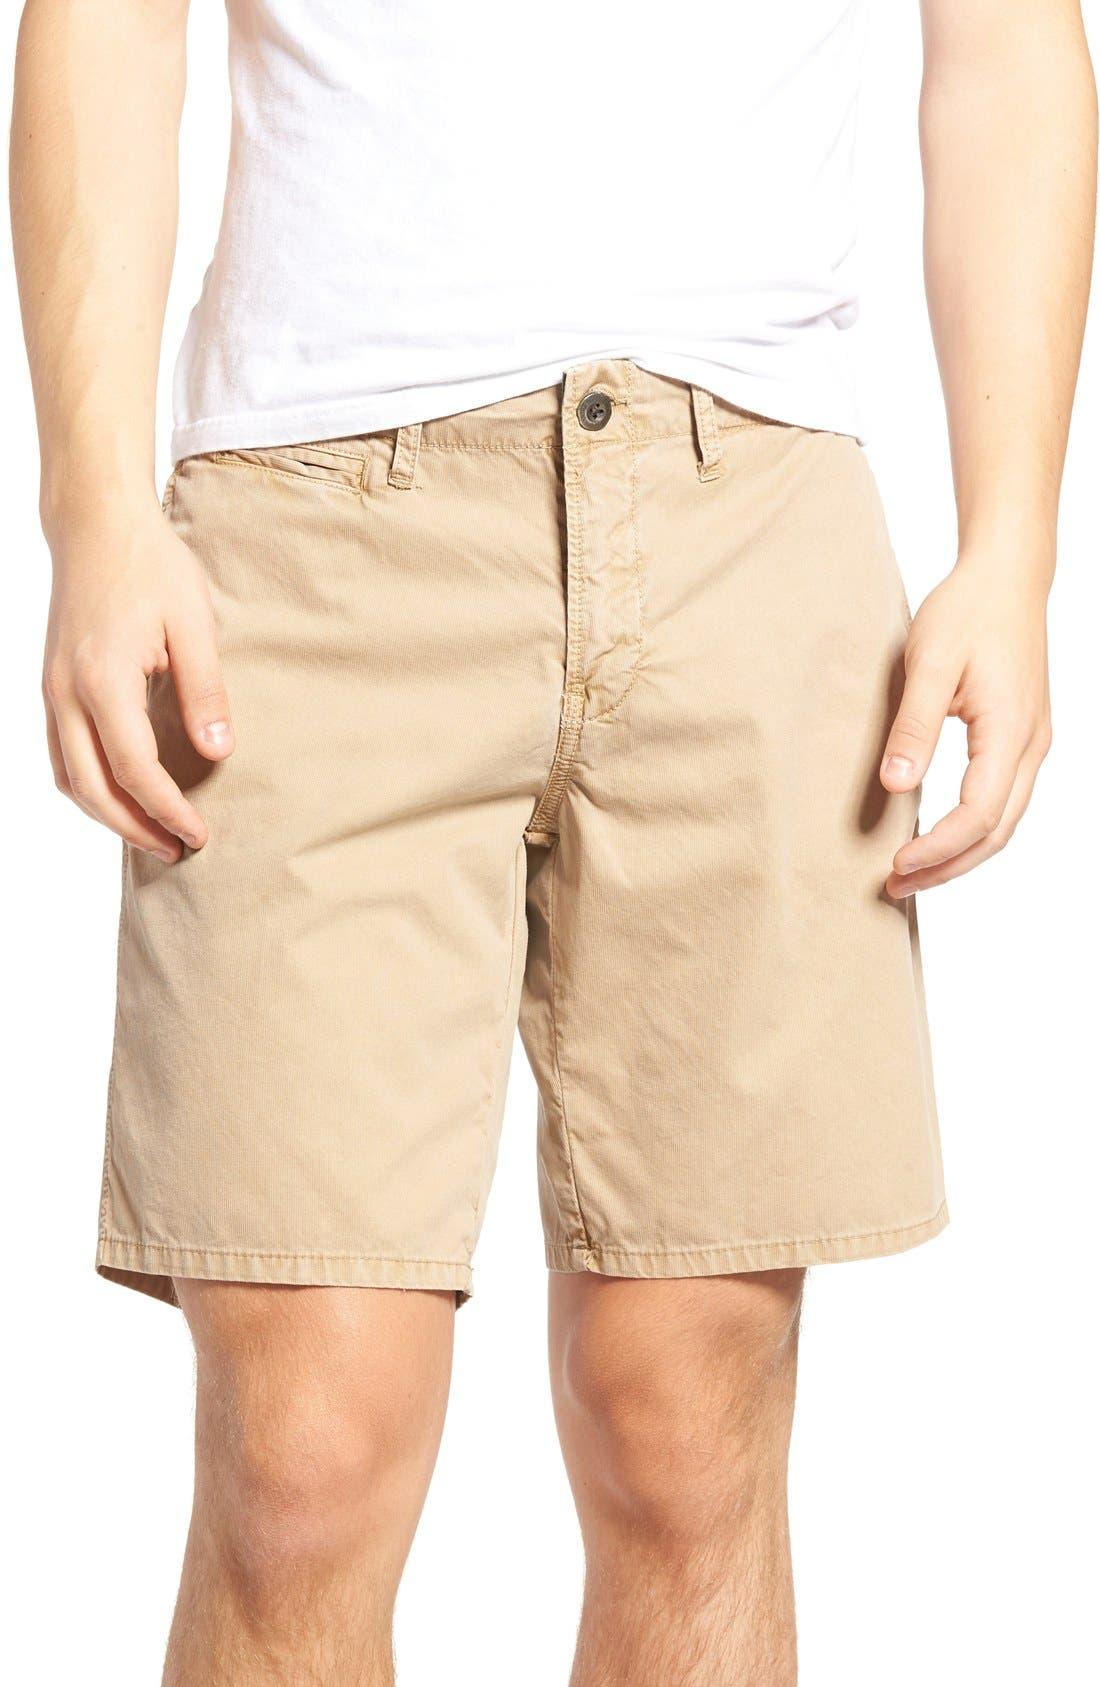 St. Martin Bedford Cord Shorts,                             Main thumbnail 1, color,                             Khaki